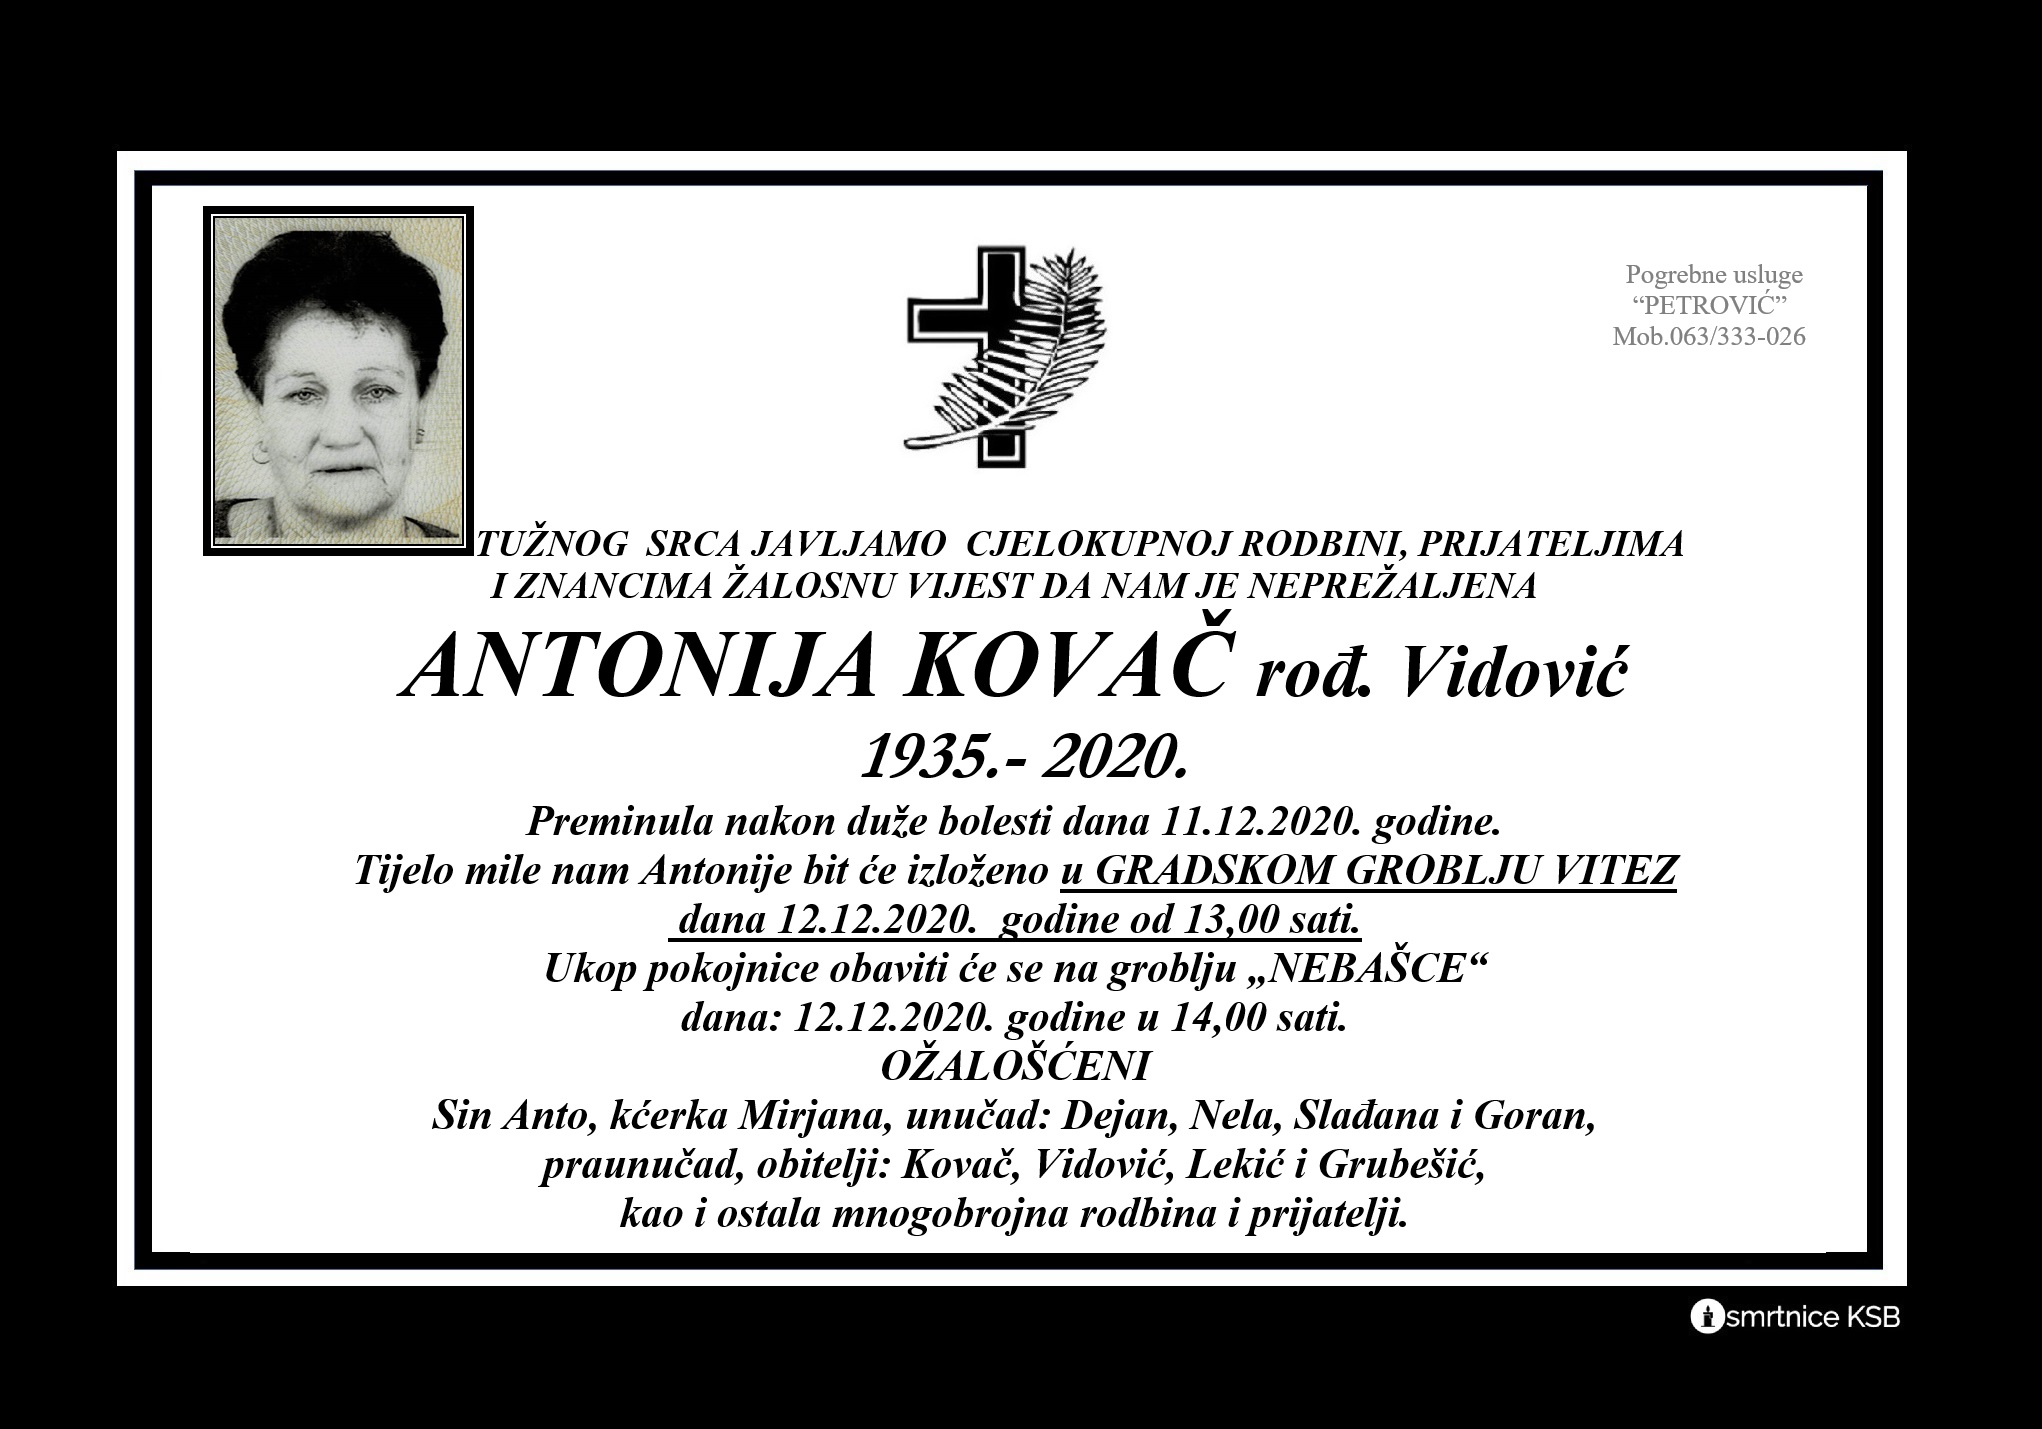 Antonija Kovač rođ. Vidović